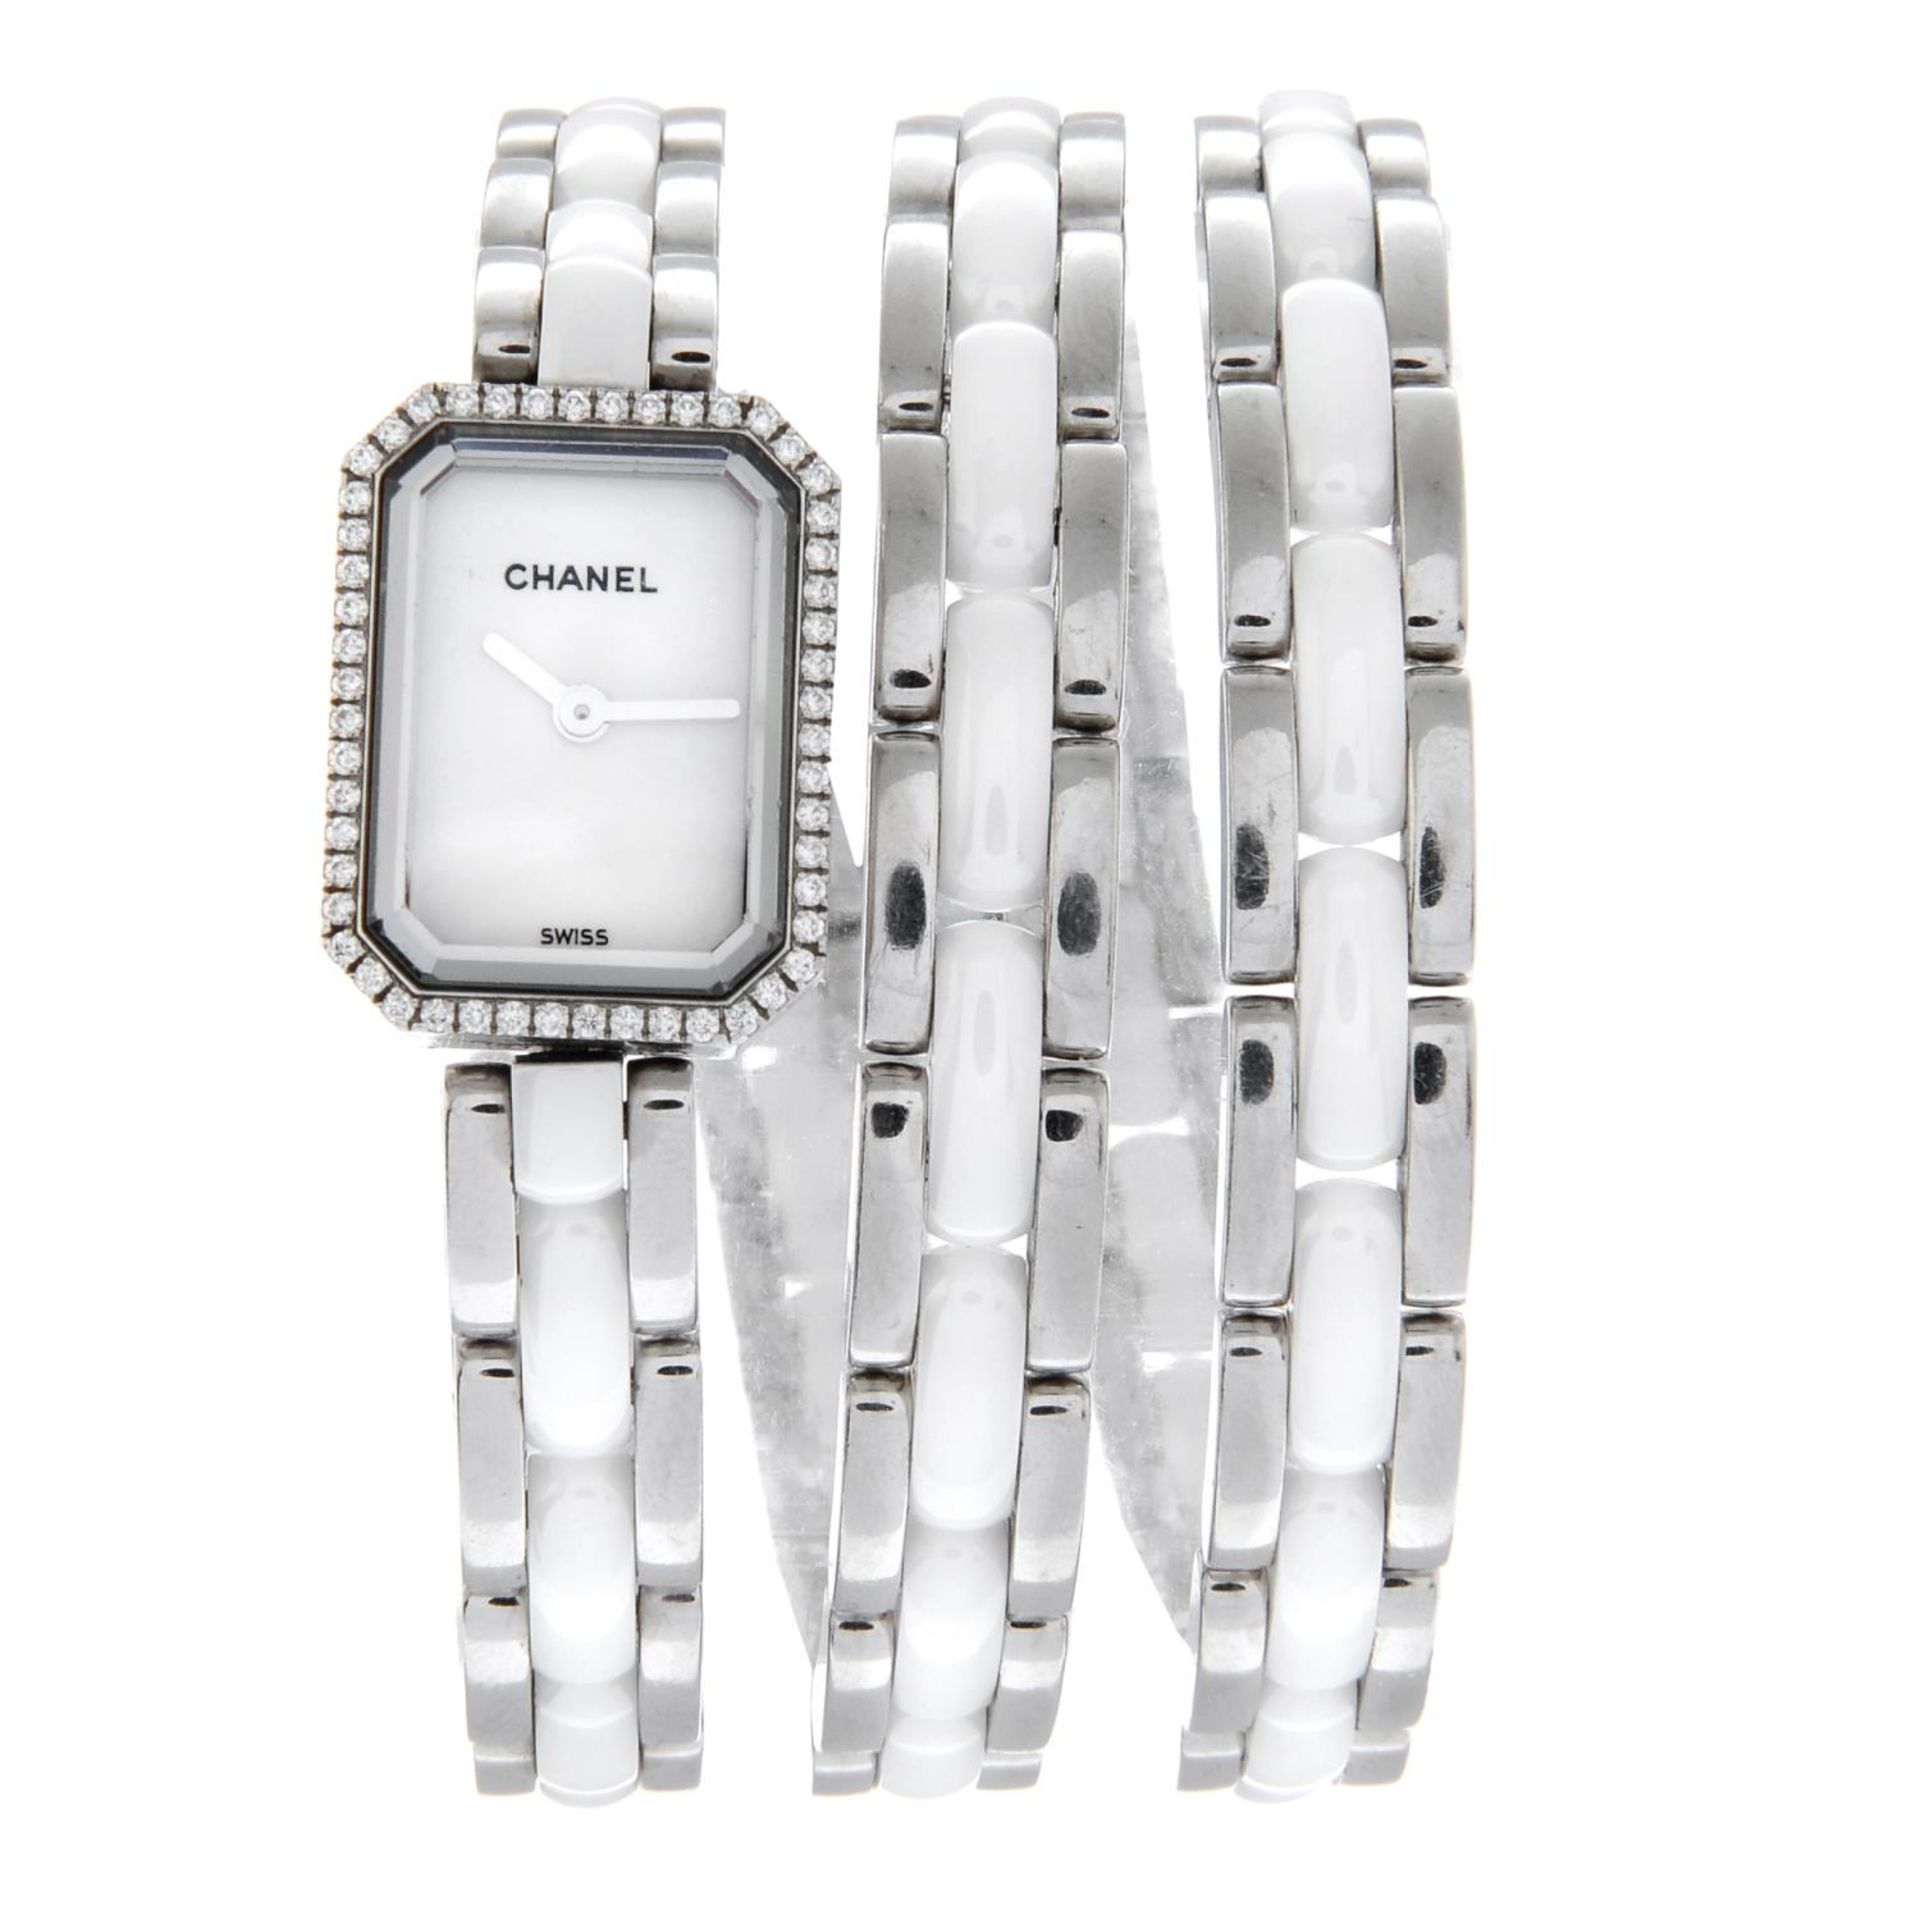 CHANEL - a Premiere bracelet watch.